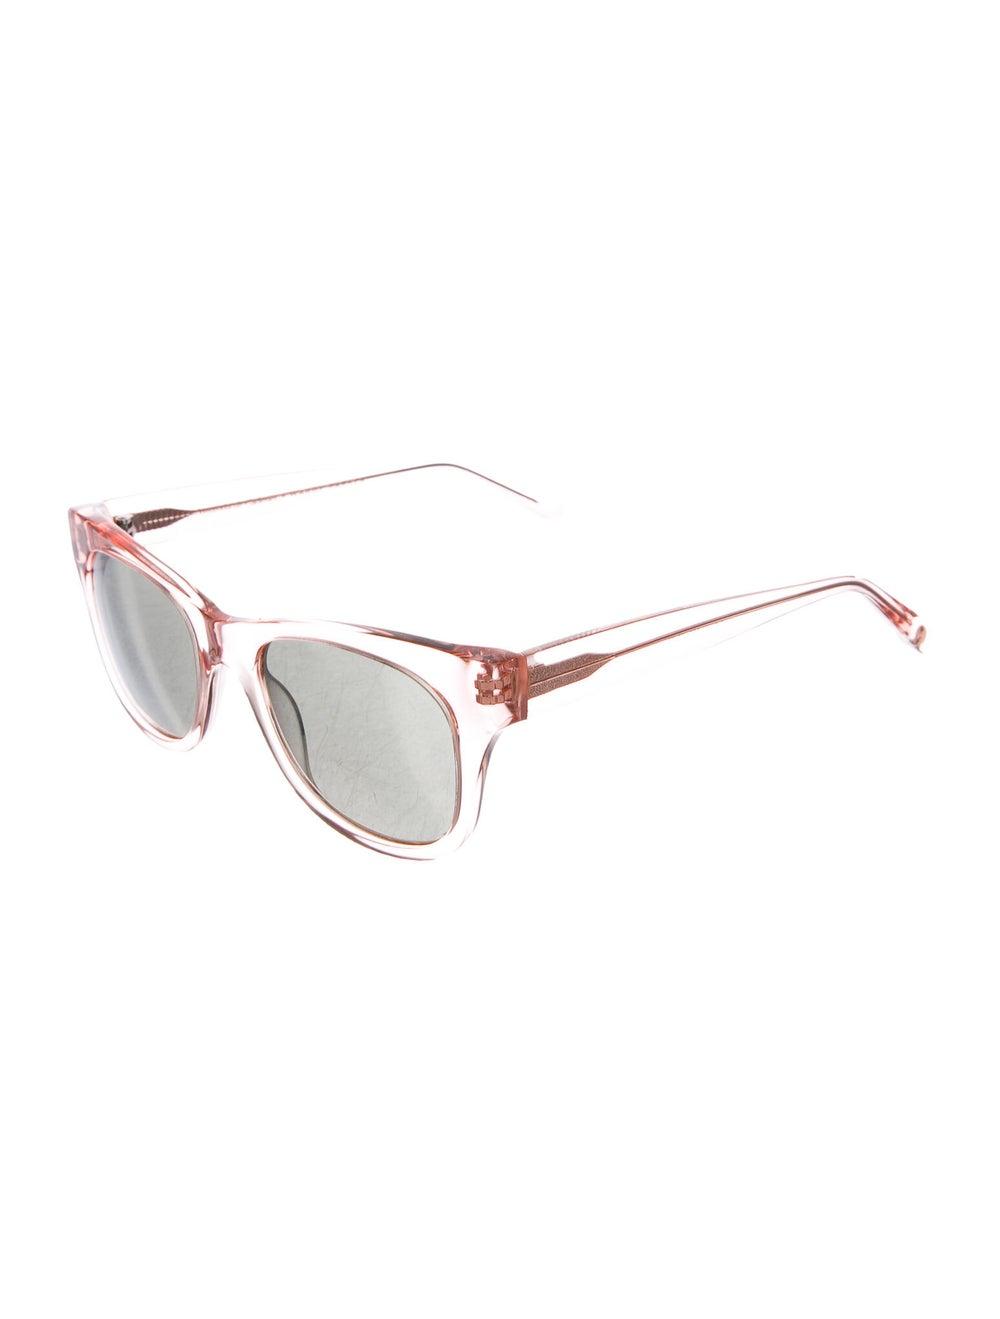 Warby Parker Silvan Wayfarer Sunglasses Pink - image 2